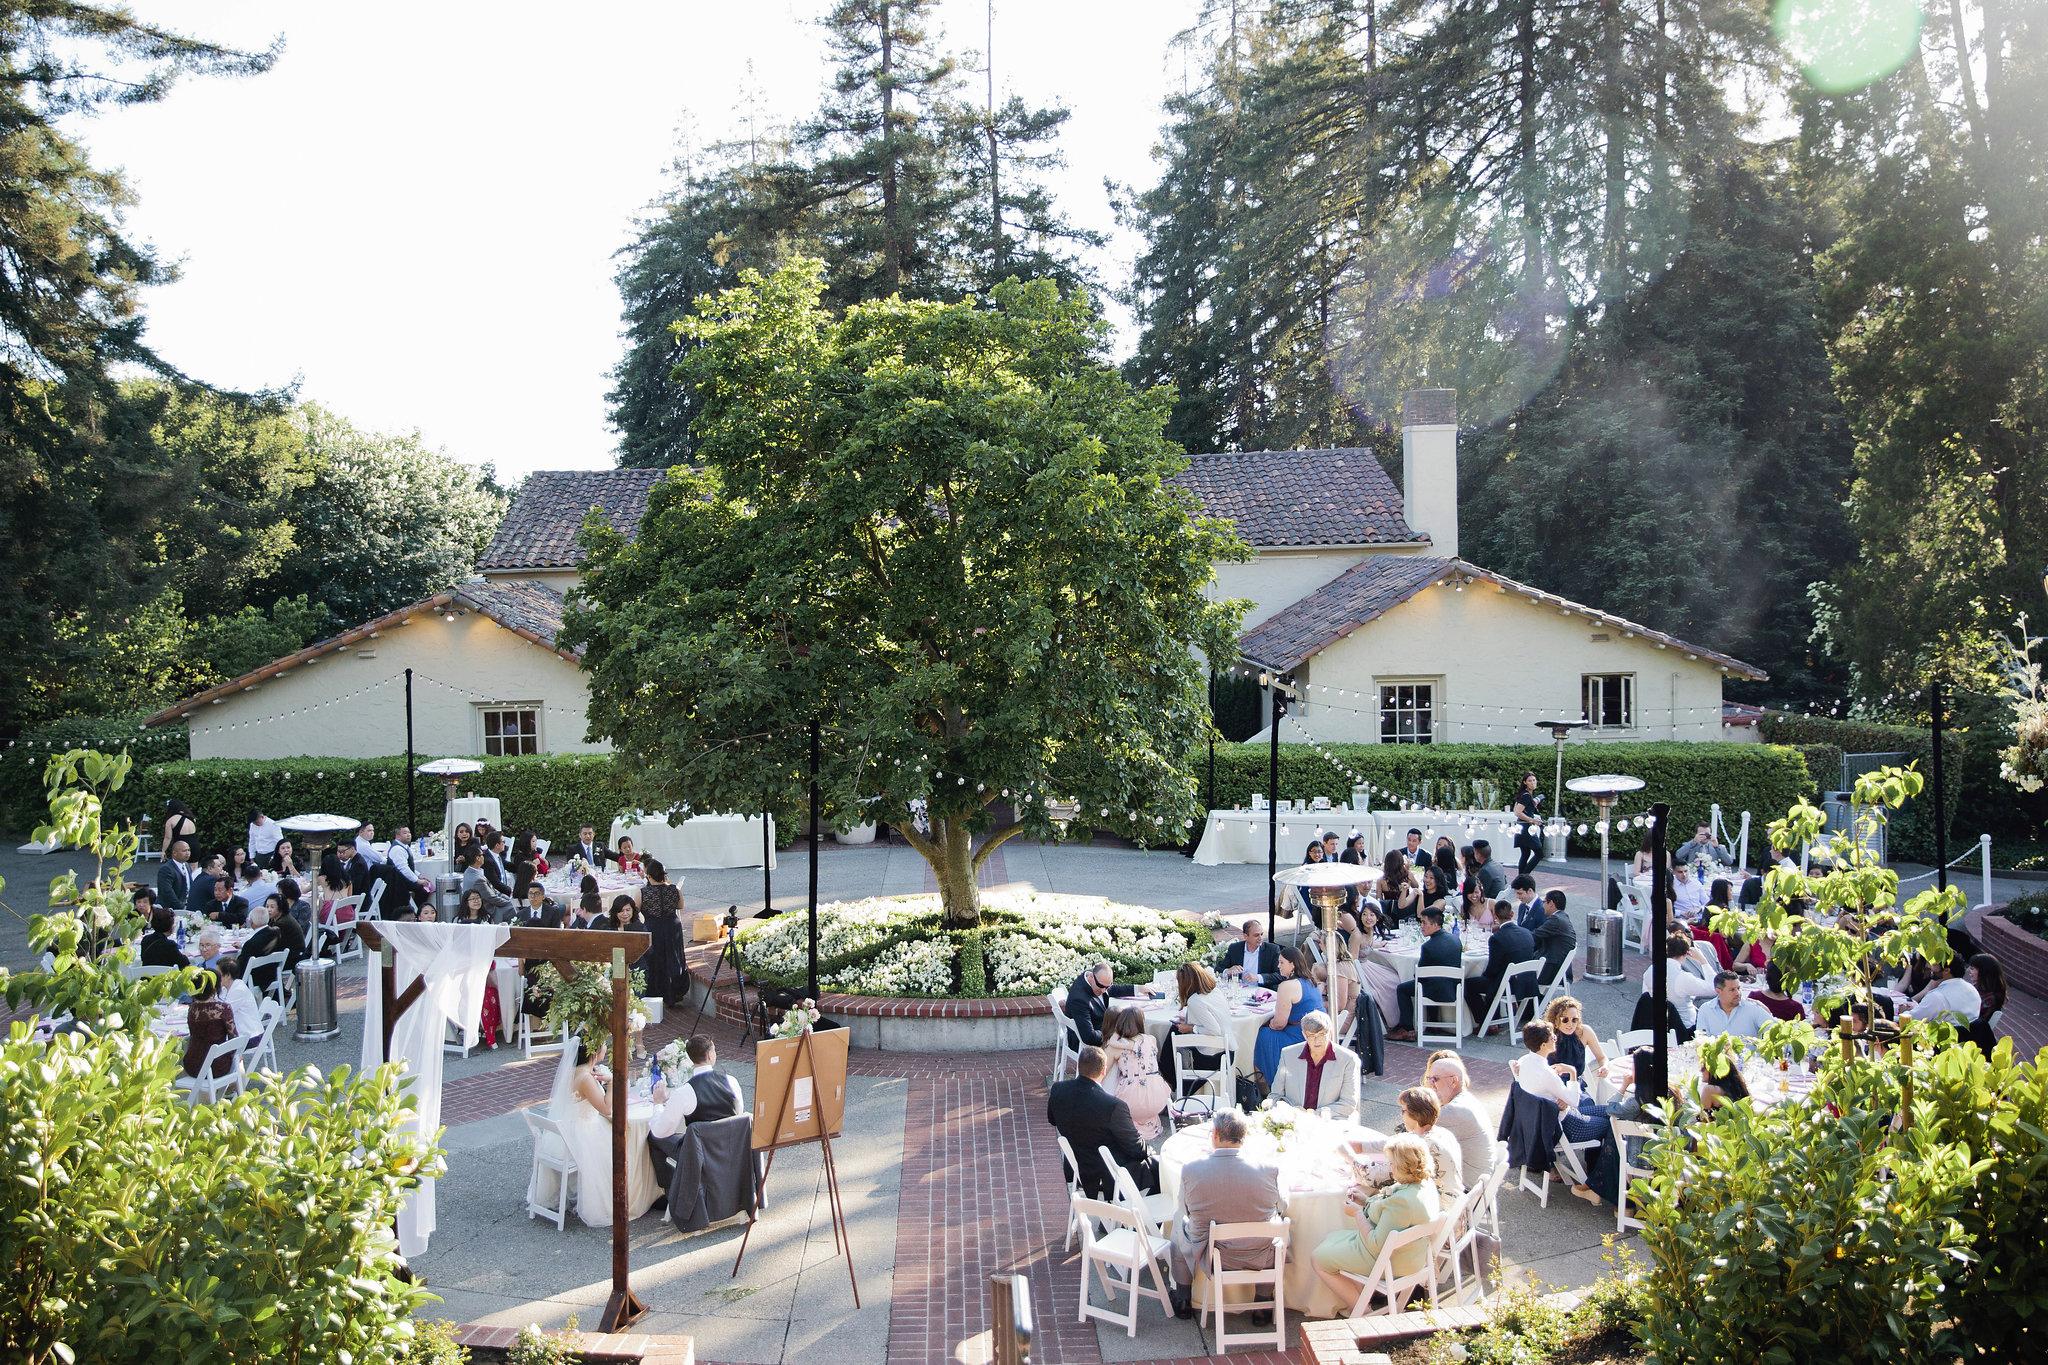 Piedmont-Community-Hall-Wedding-50.JPG